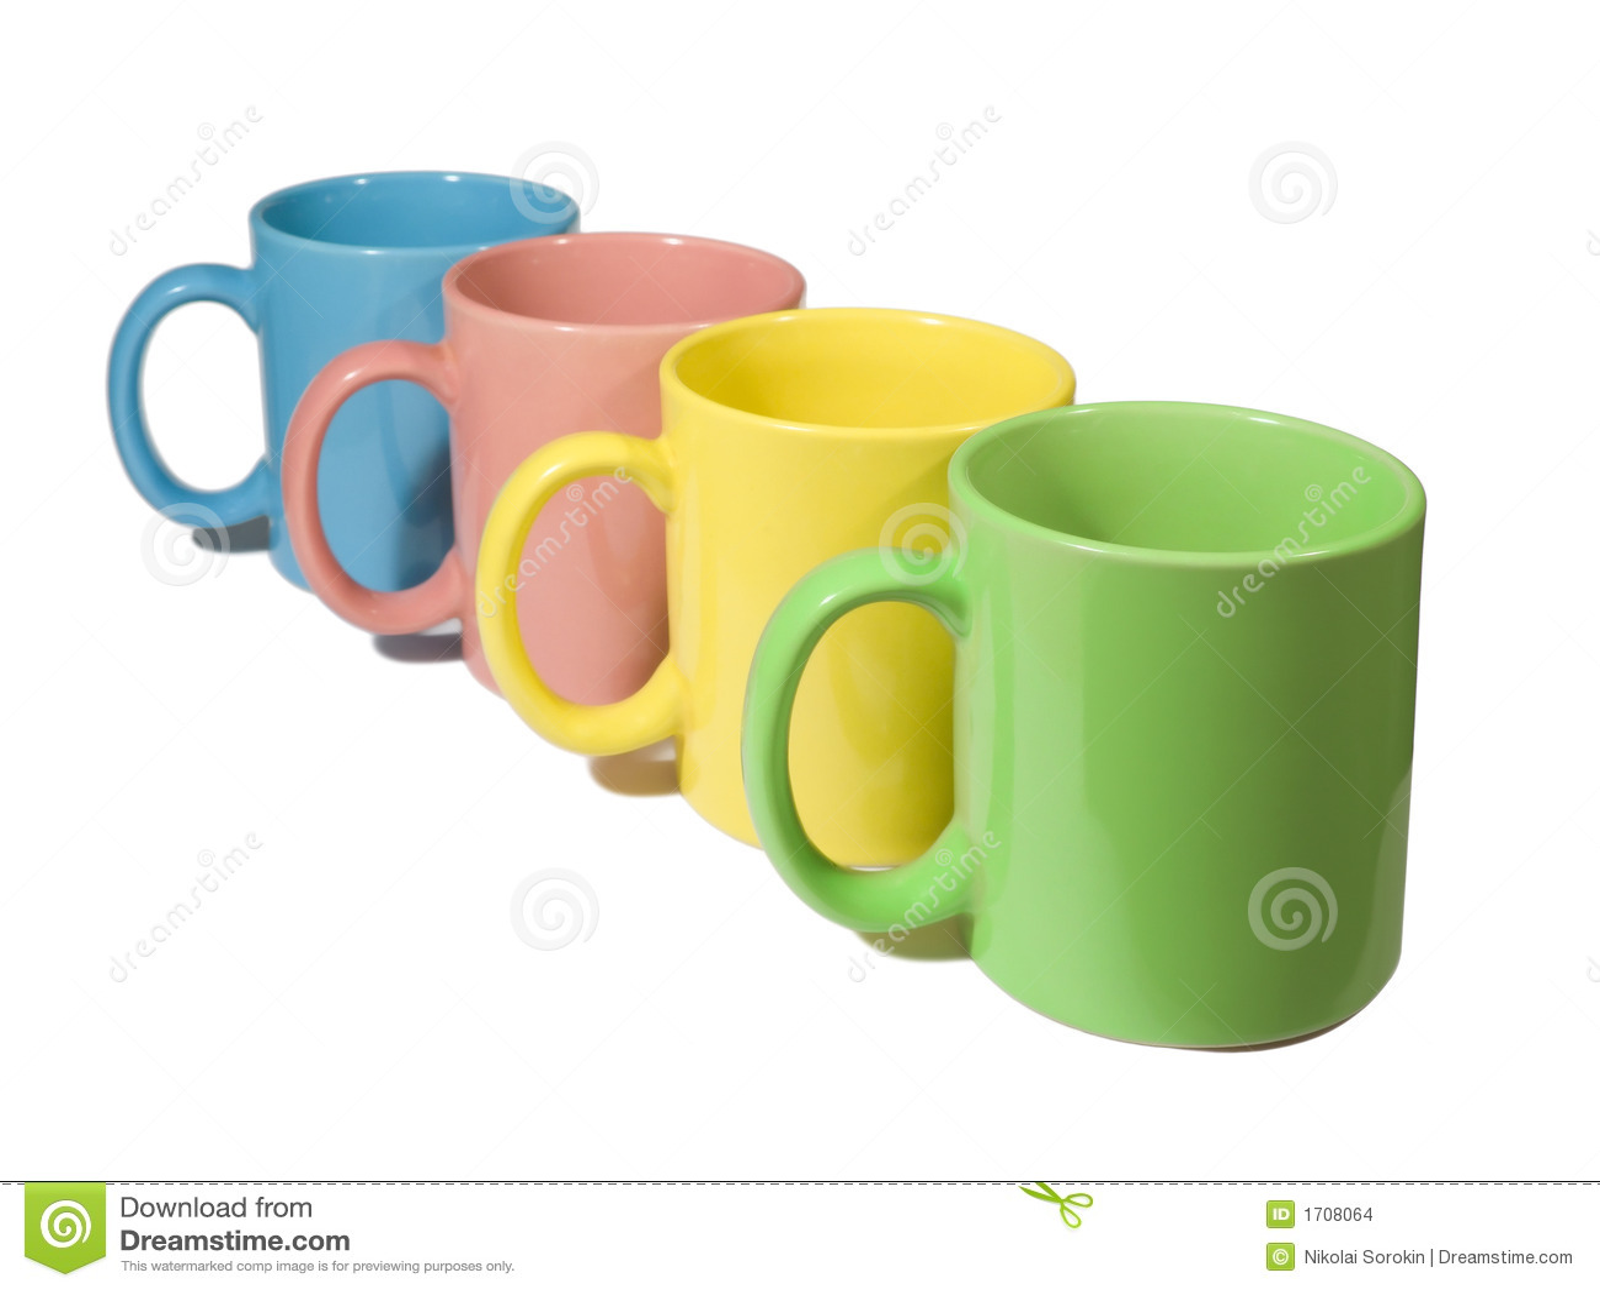 four colorful mugs - Colorful Mugs